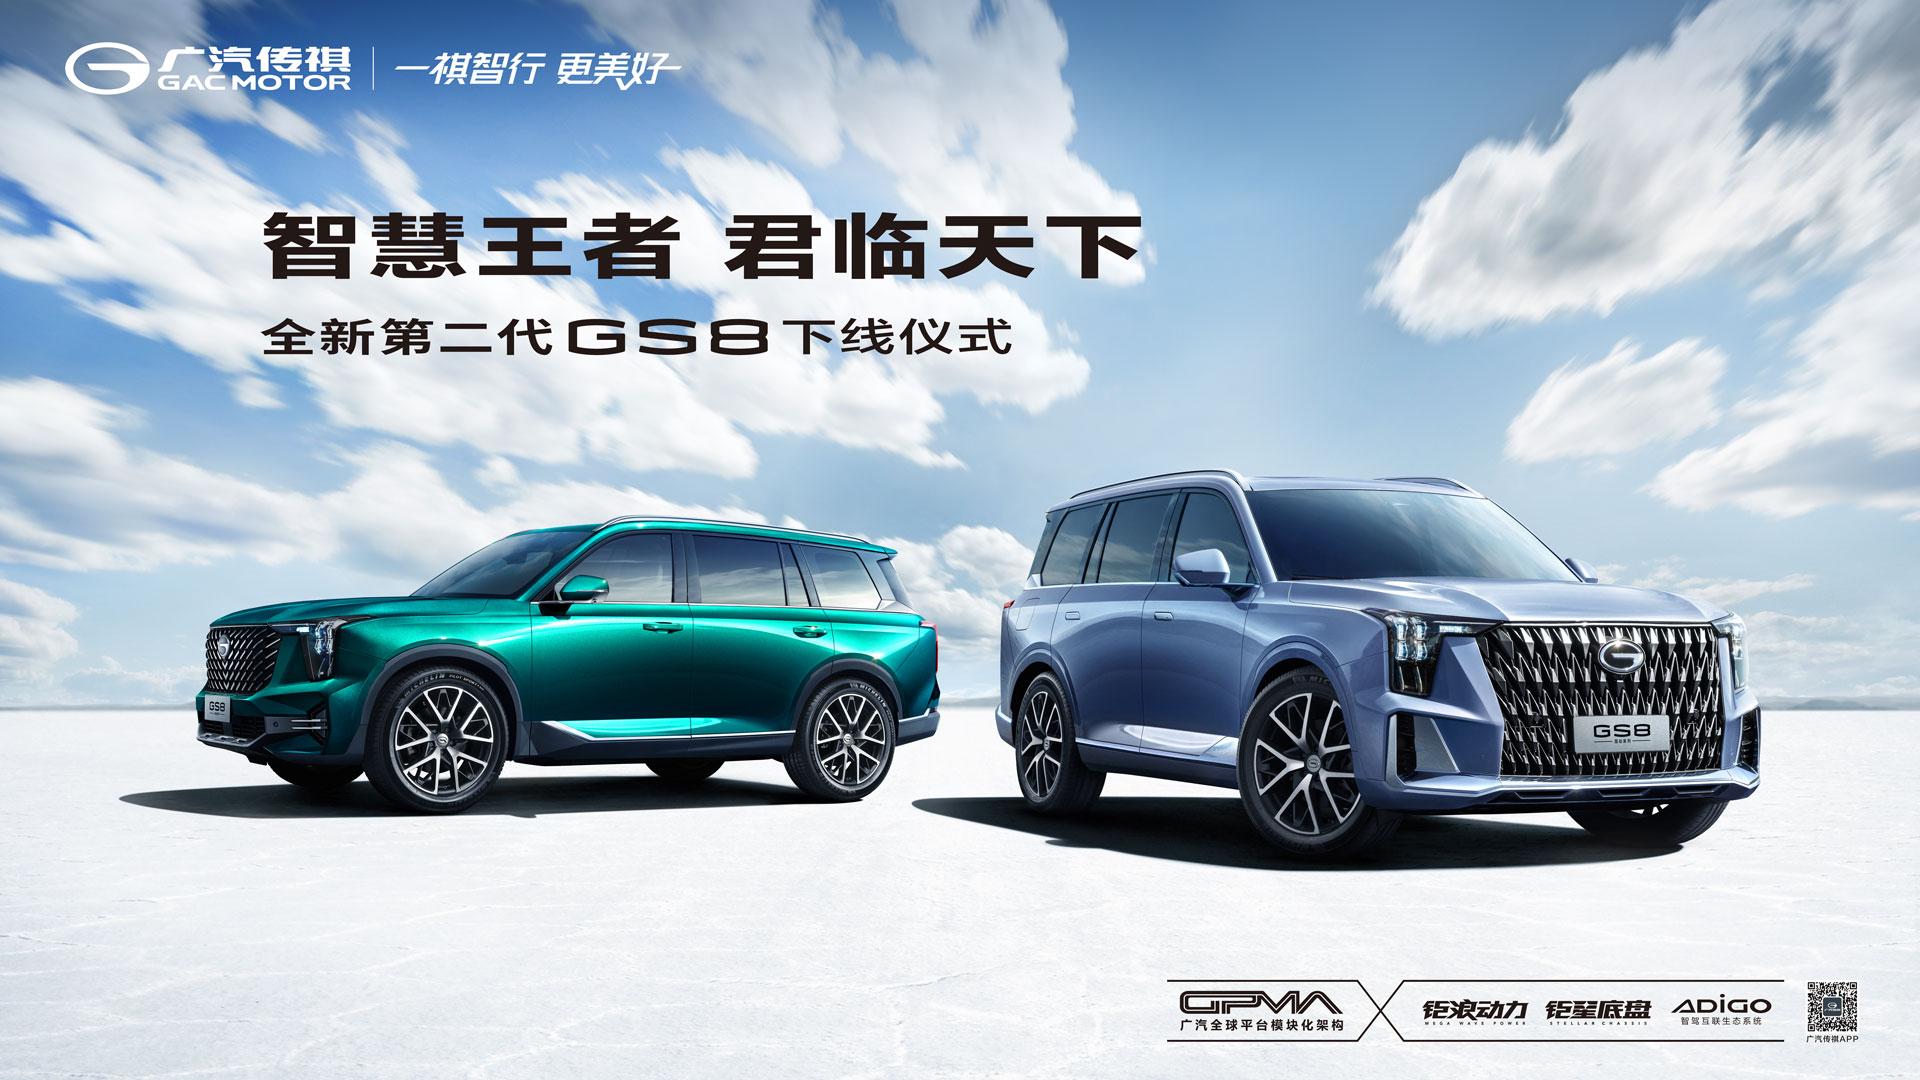 全新第二代GS8